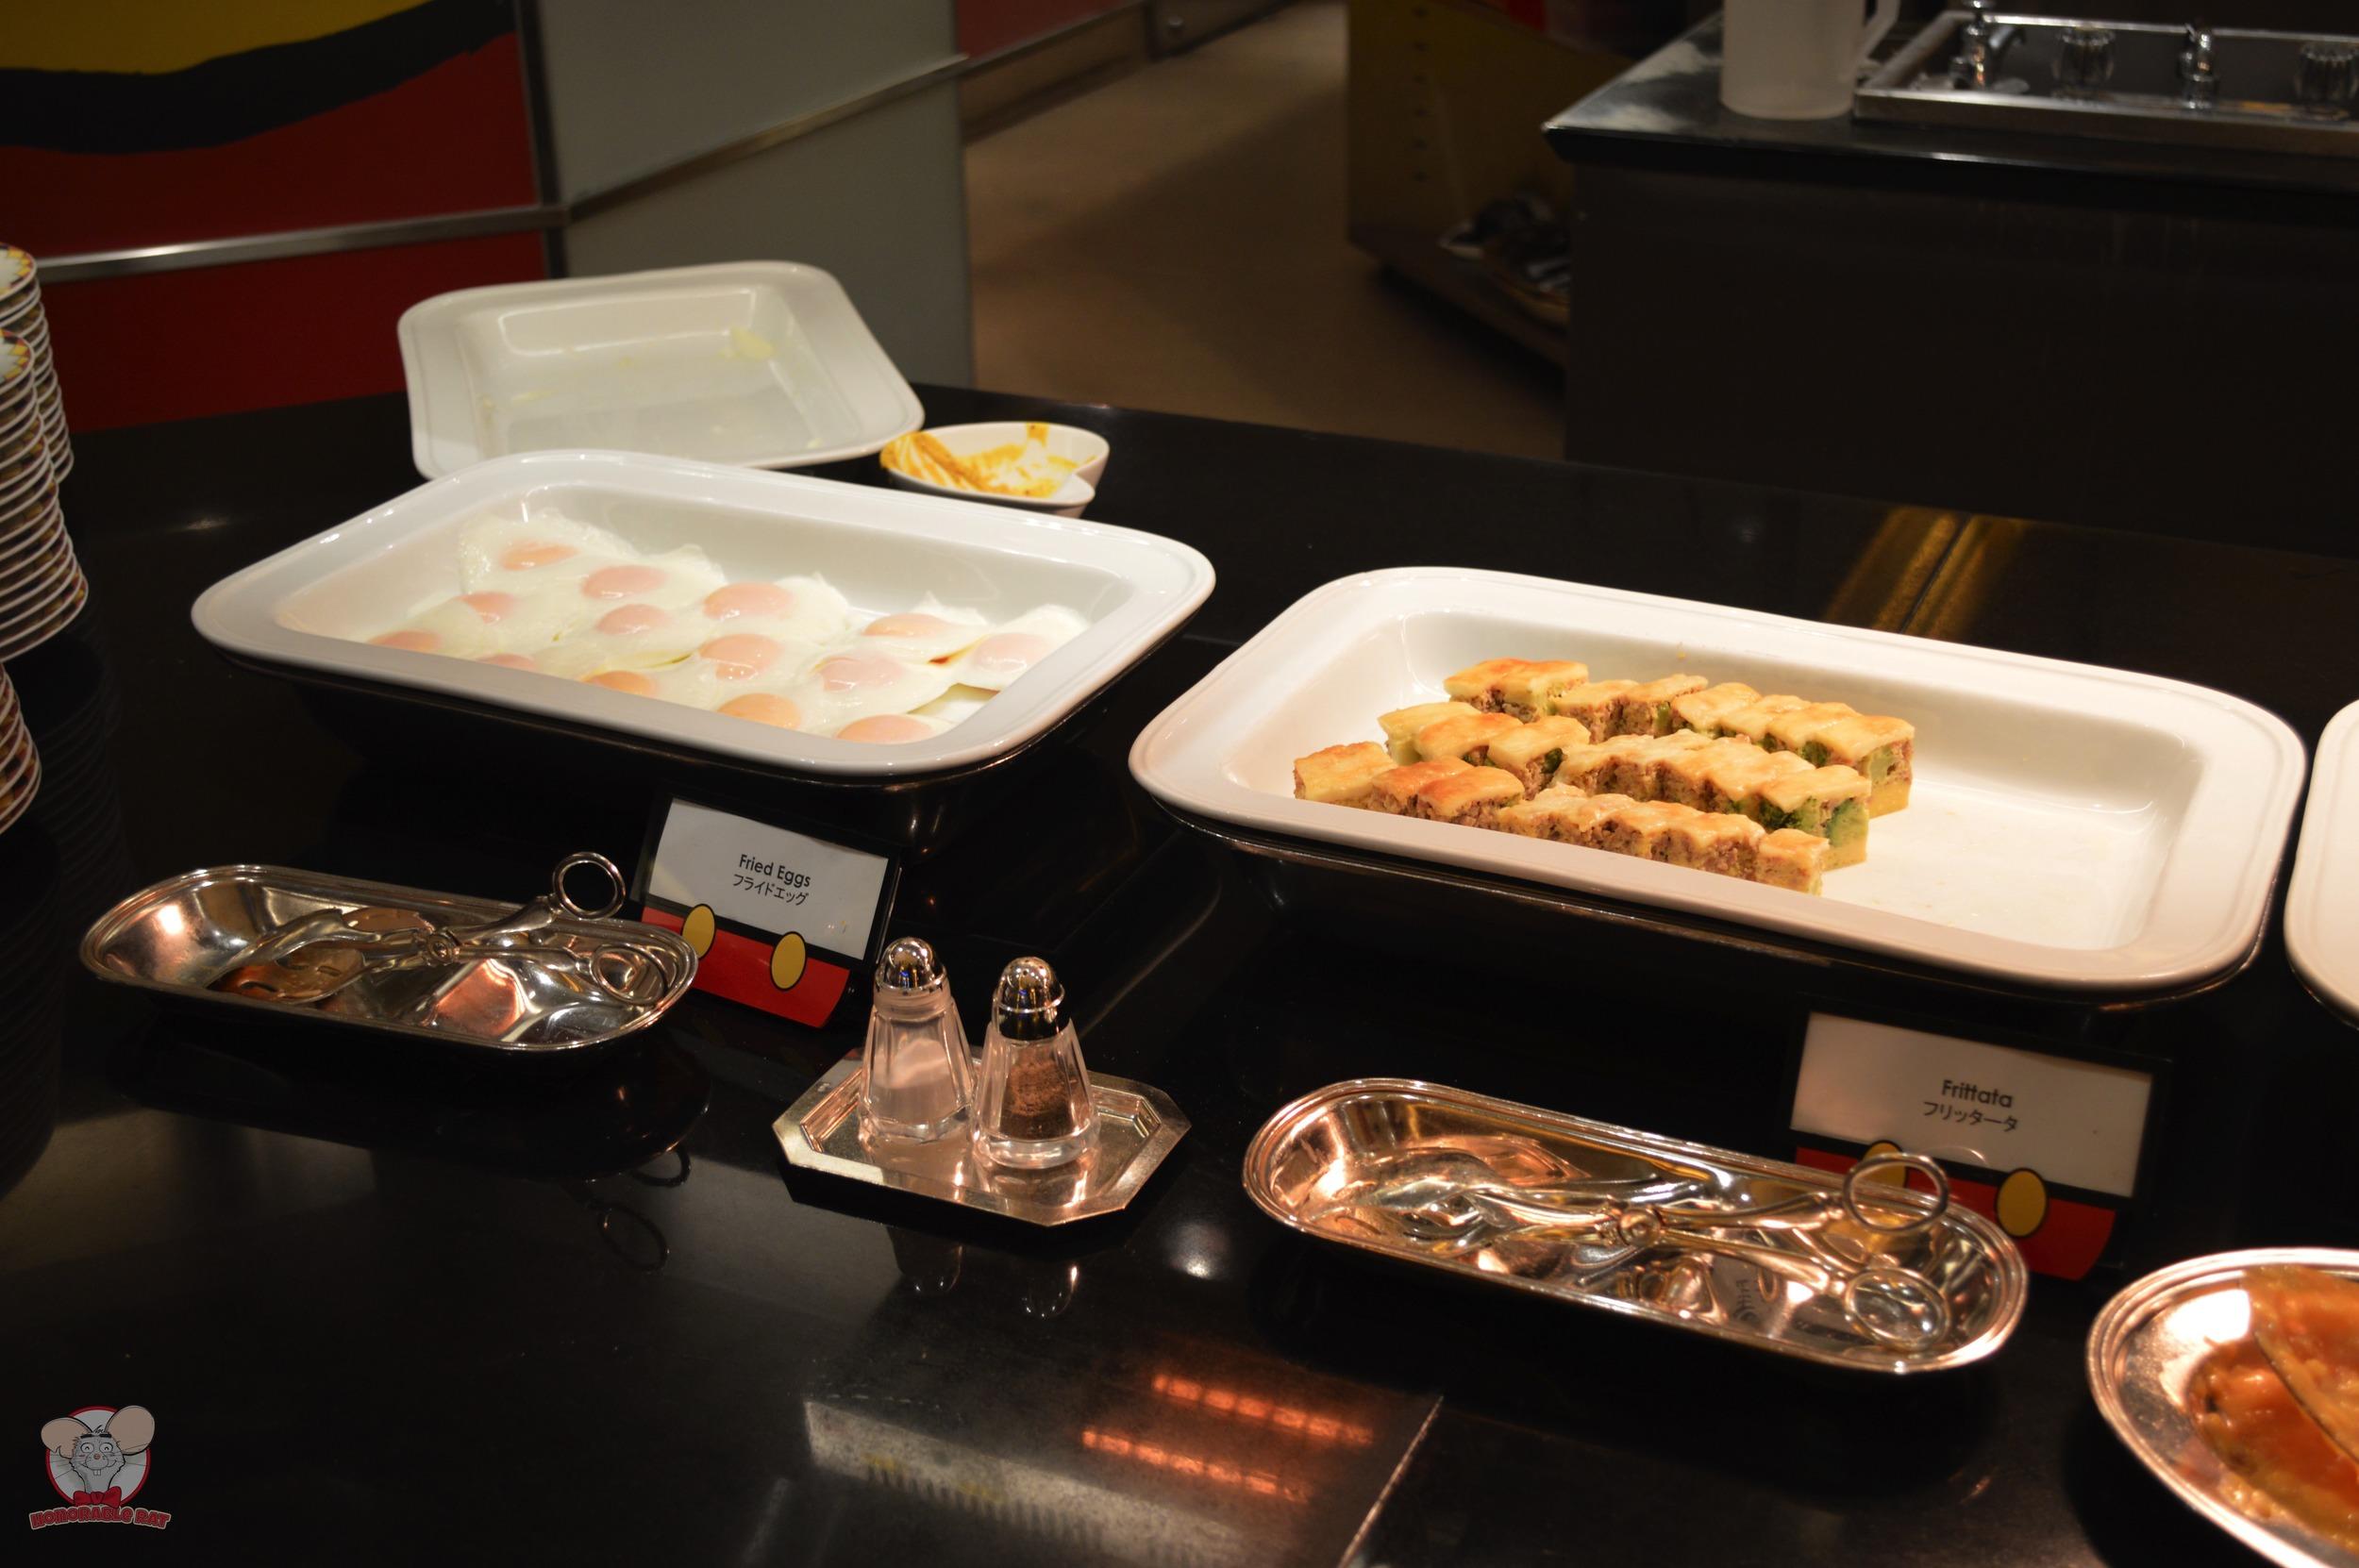 Fried Eggs (Left) Frittata (Right)